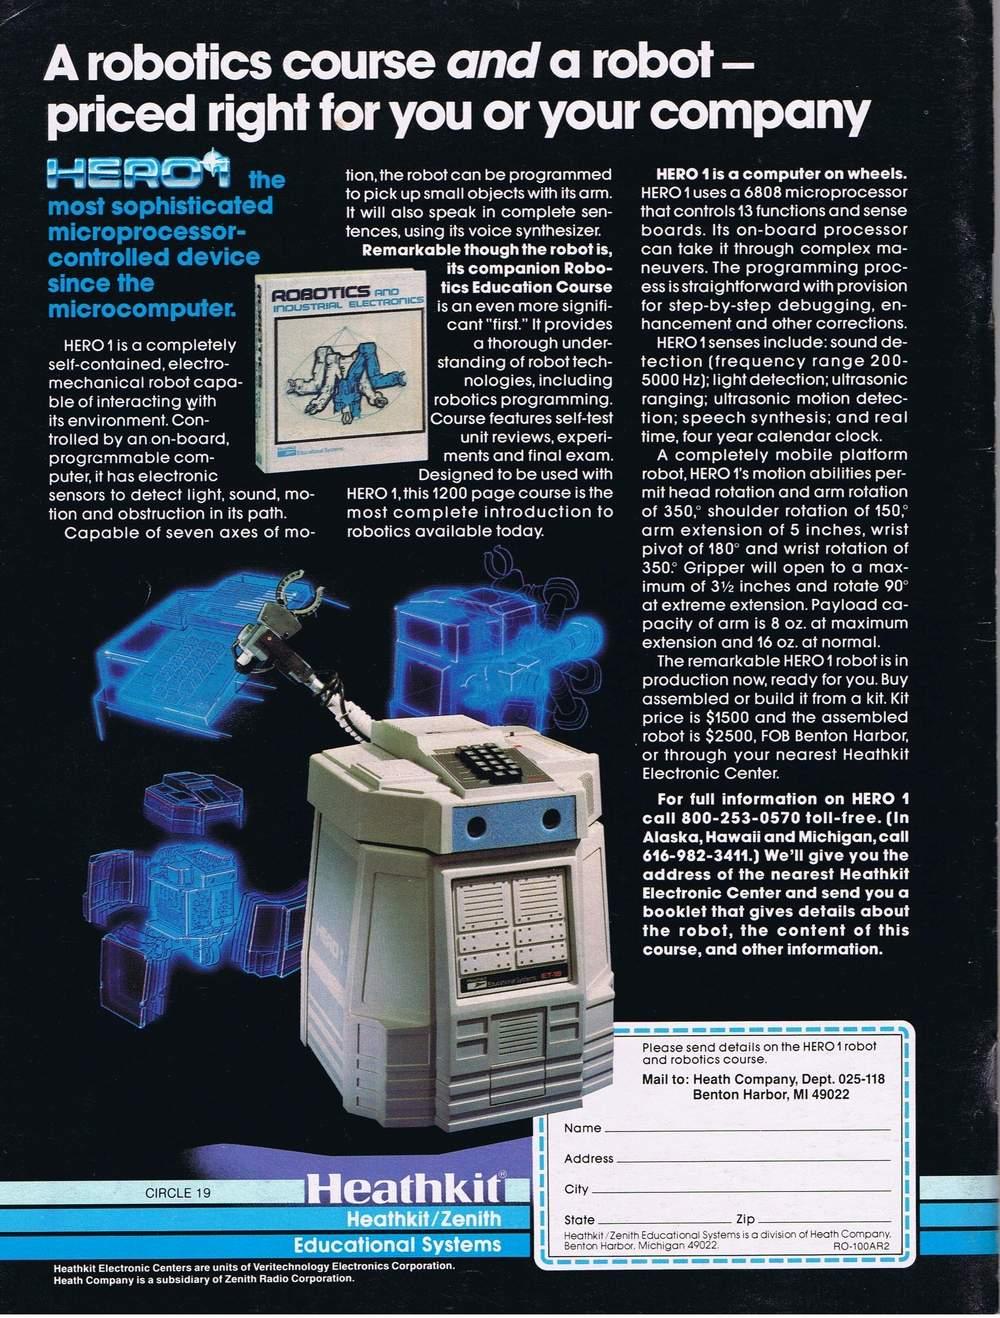 Heathkit_Robot-6.JPG